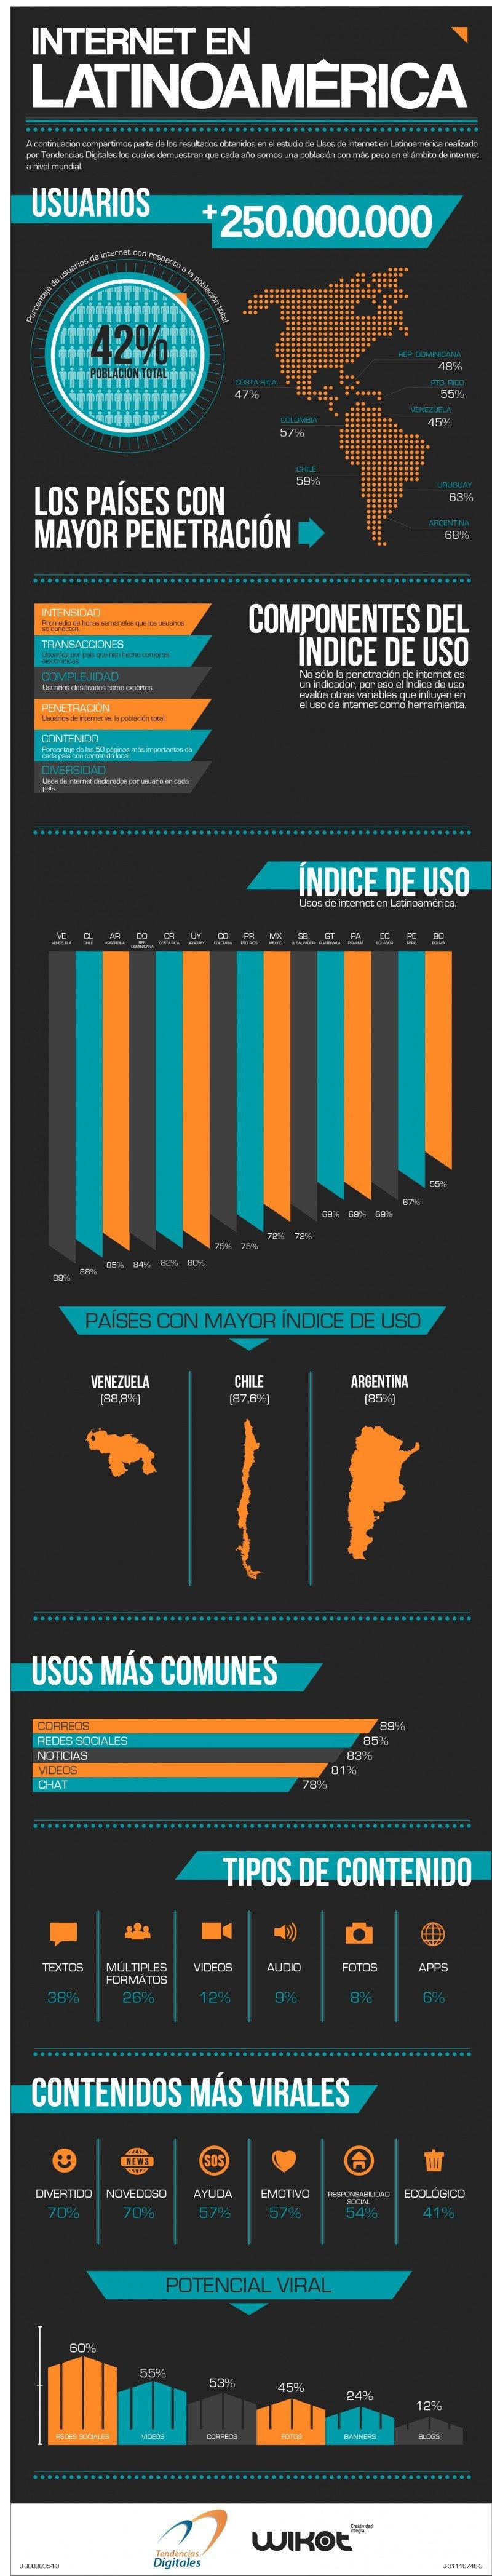 El 42% de los latinoamericanos son usuarios de internet